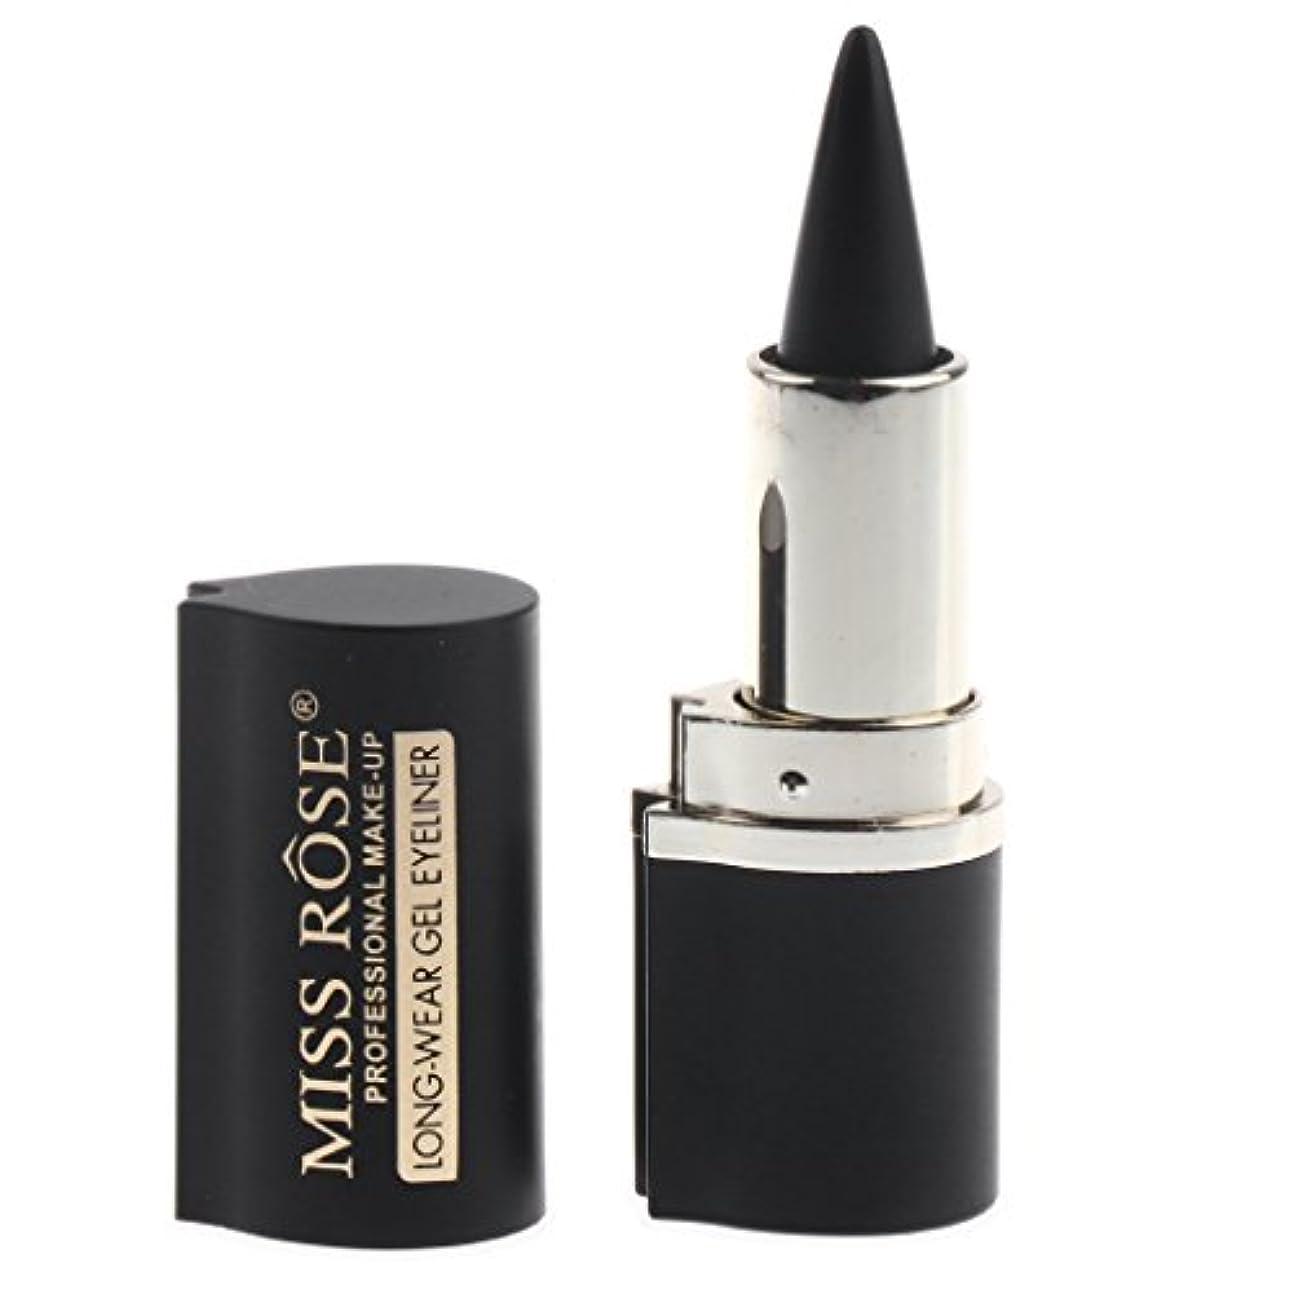 DYNWAVE アイライナー ペーストペン 化粧品 アイライナージェル メイク 持ち運び簡単 アイメイク 耐水性